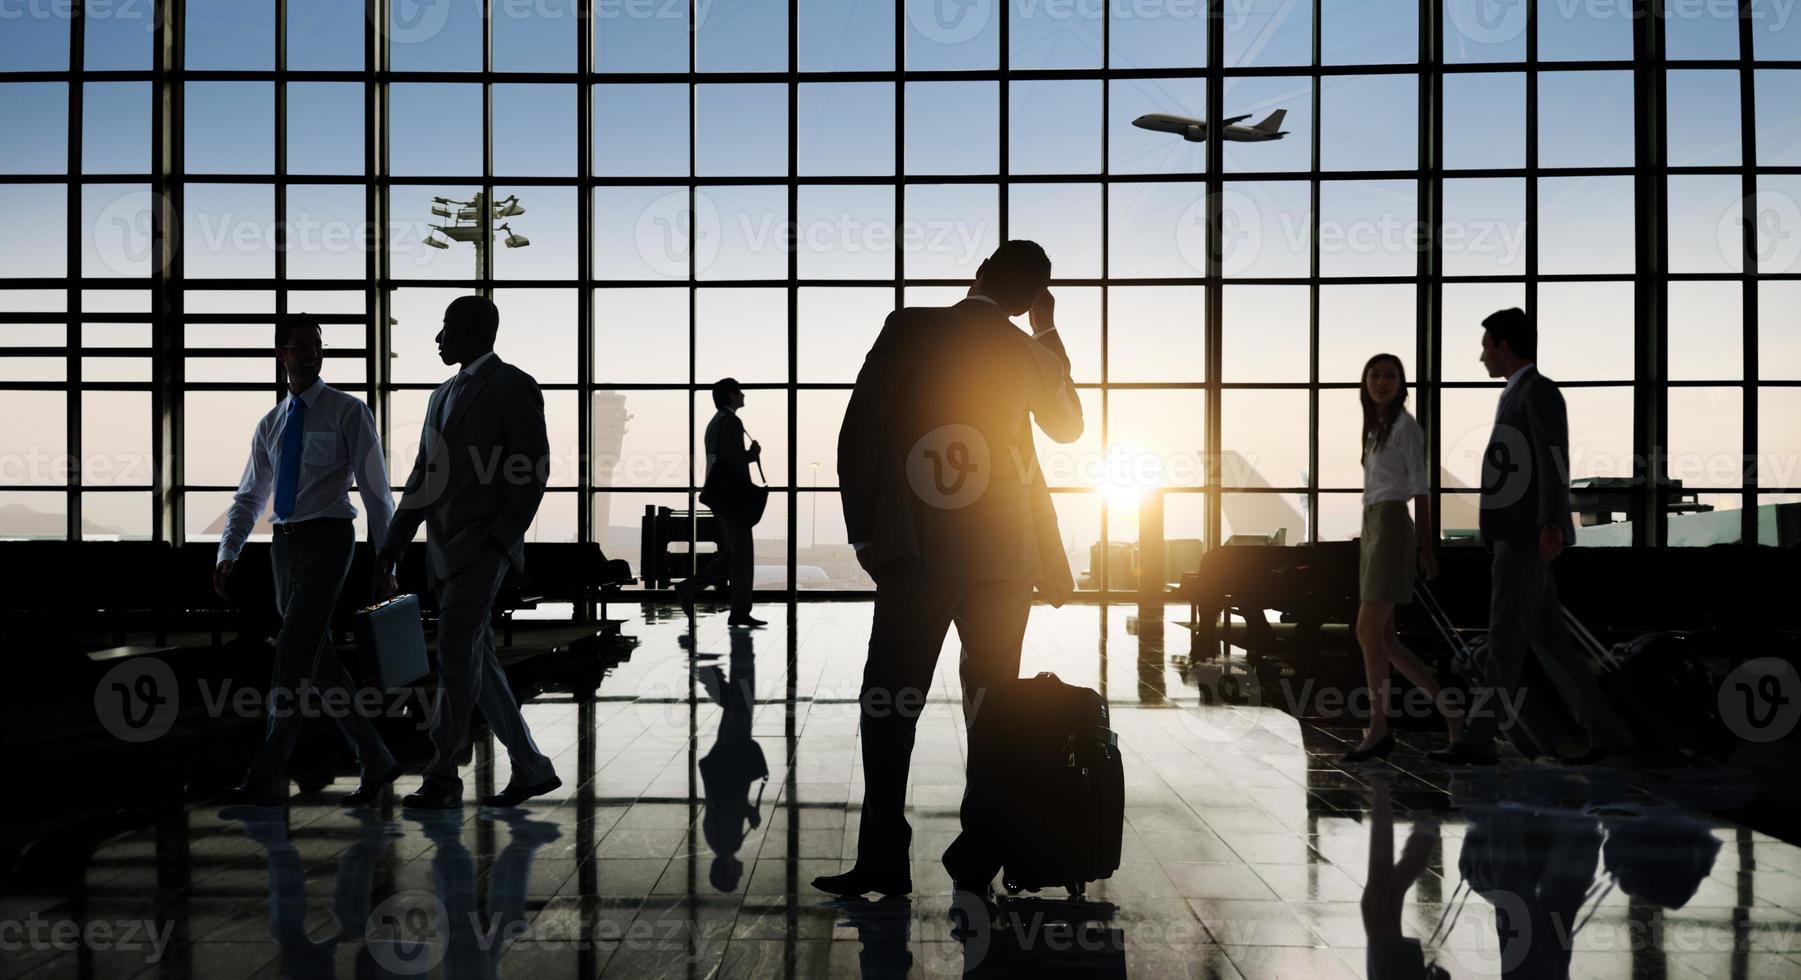 Grupo de personas aeropuerto negocios viajes comunicación concepto foto